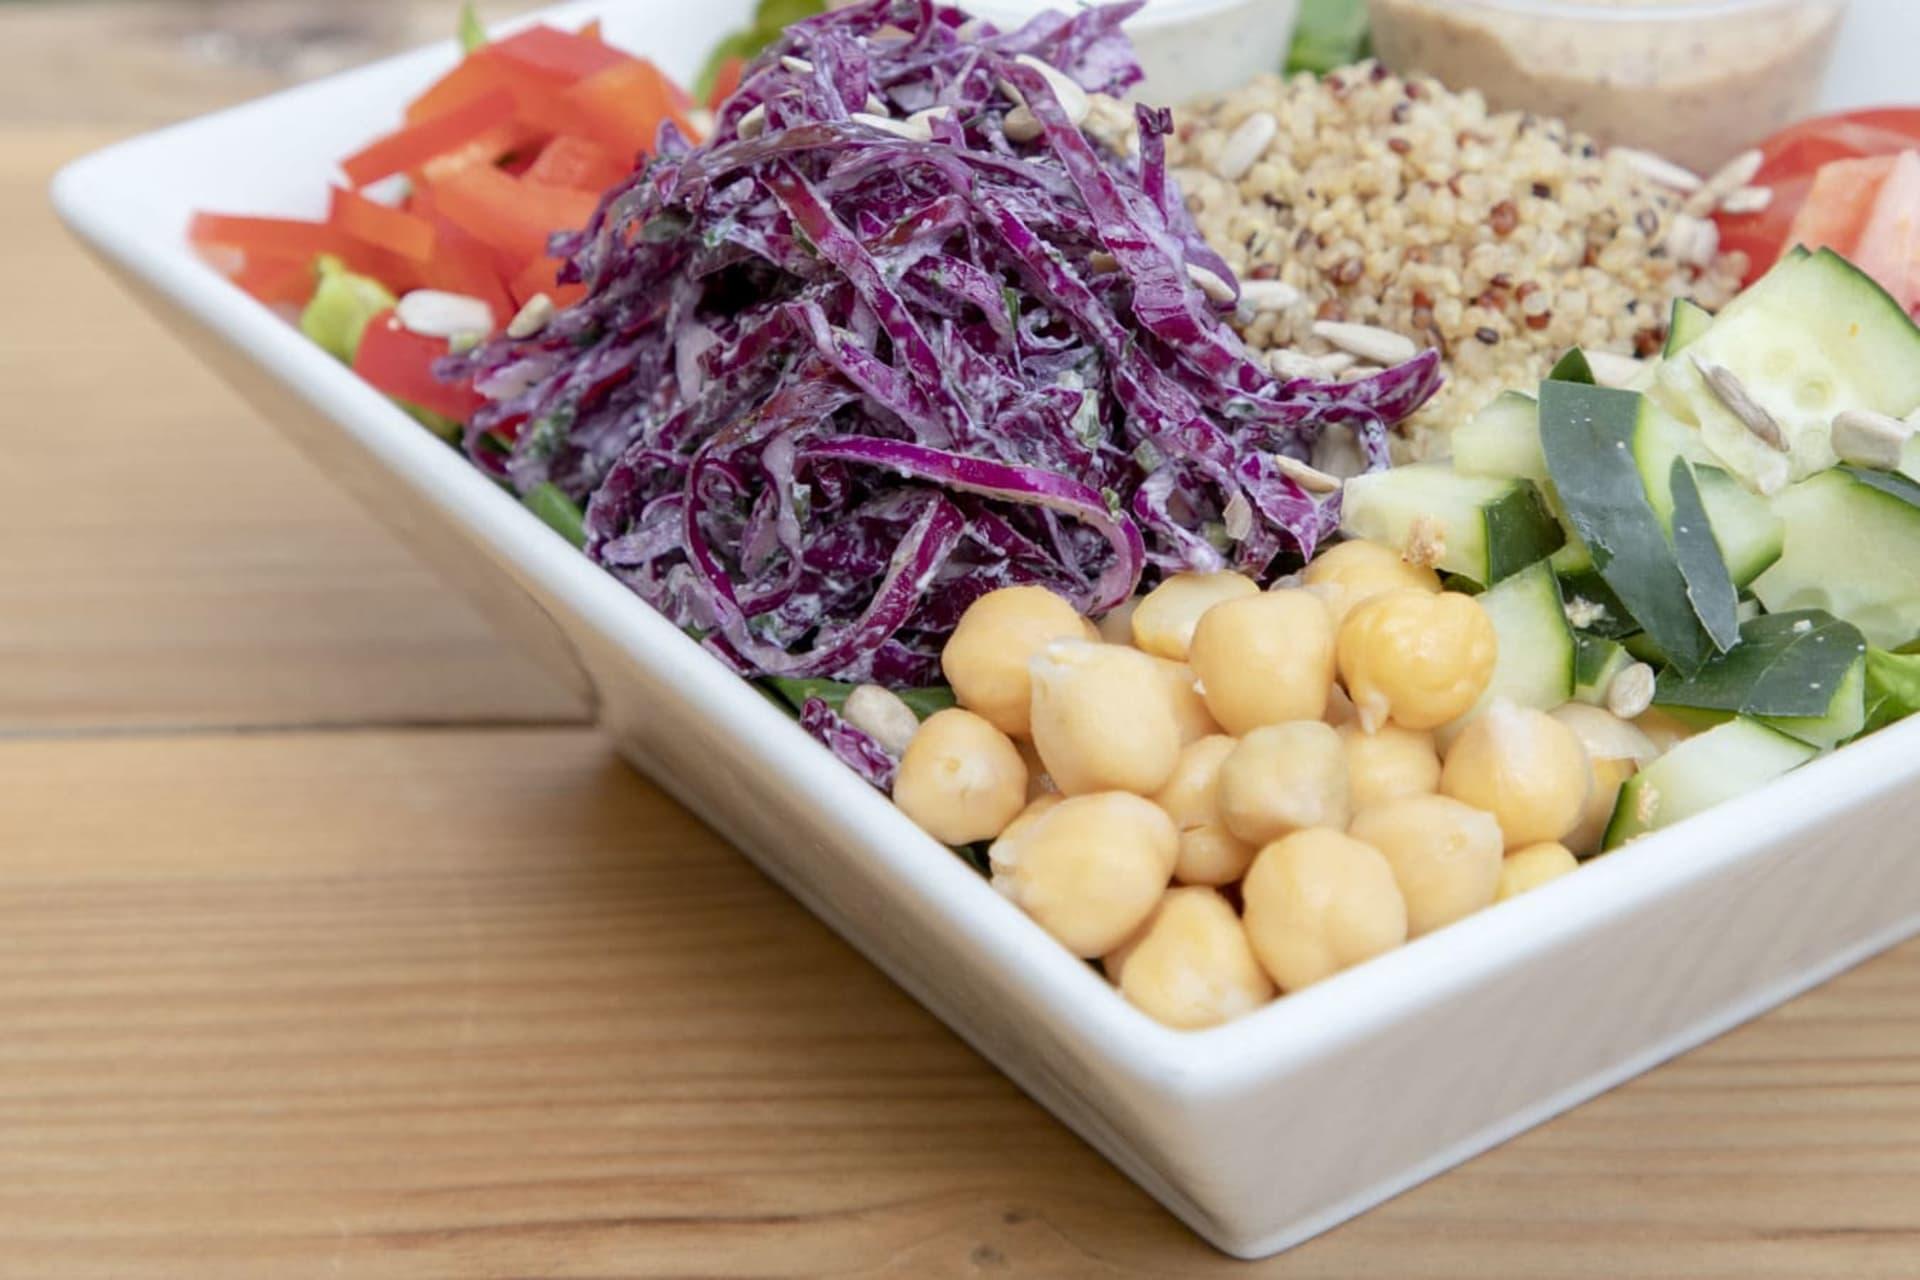 the love bite salad